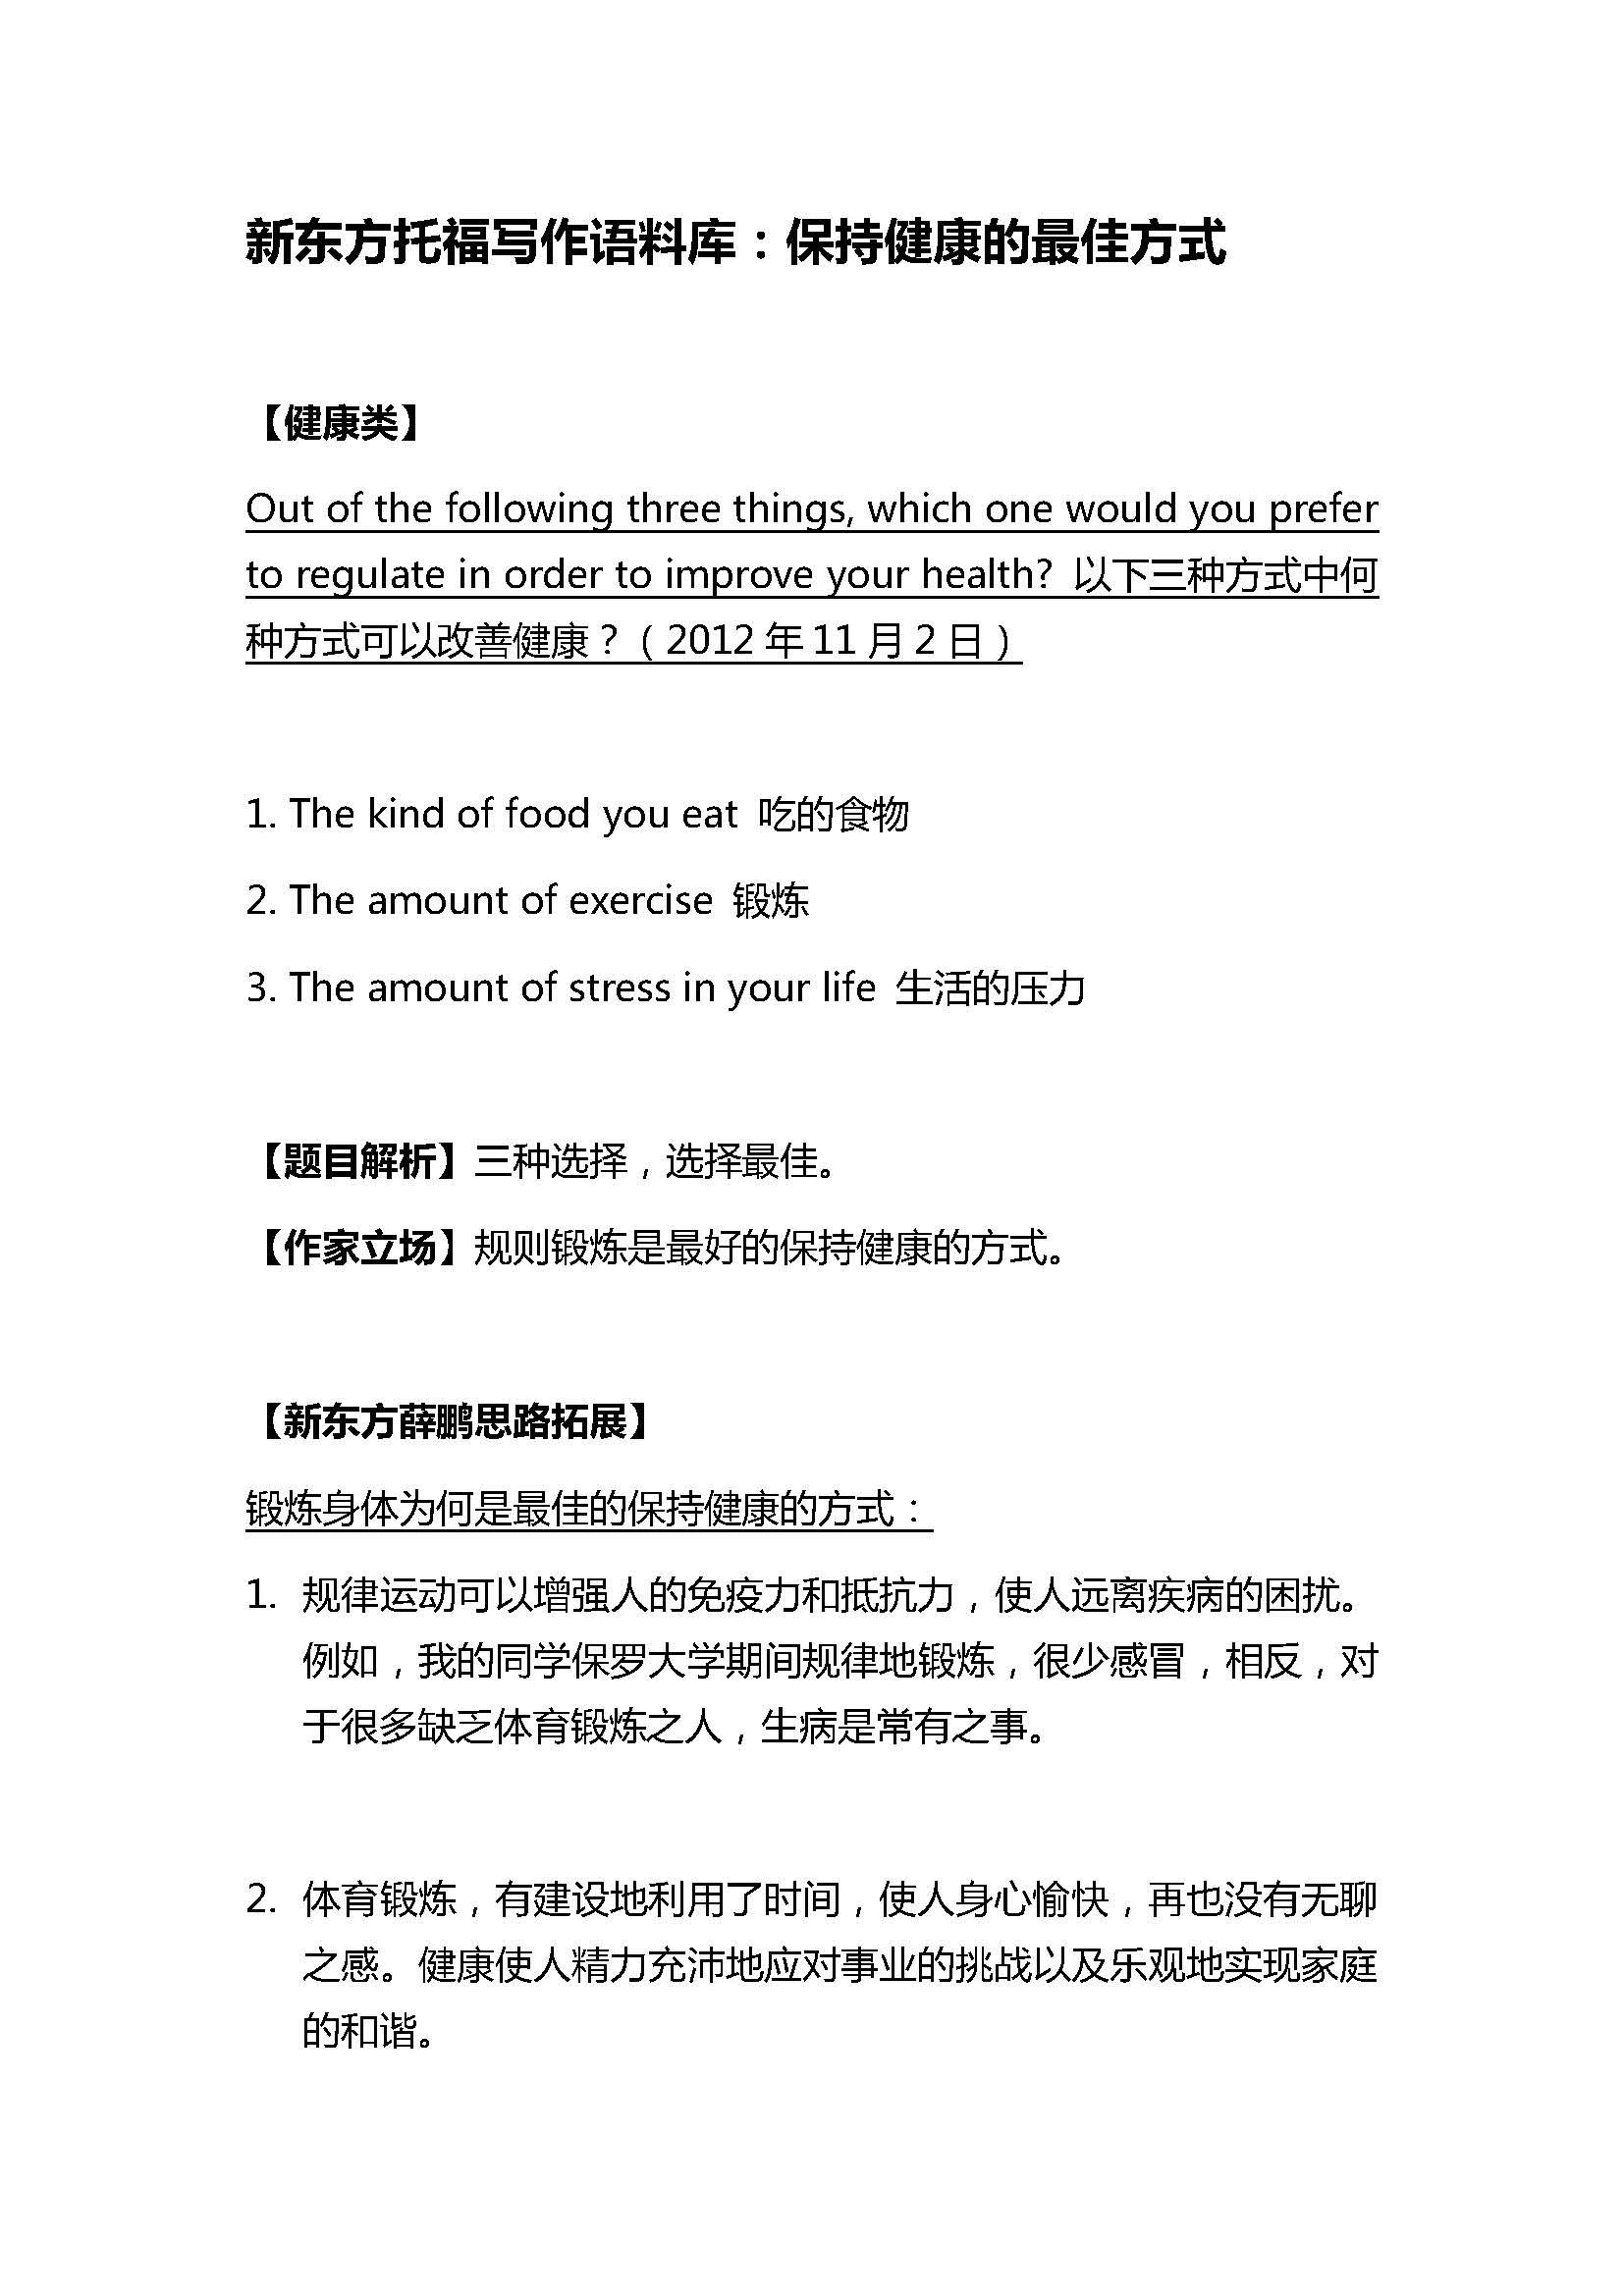 新东方薛鹏原创托福写作语料库:保持健康的最佳方式